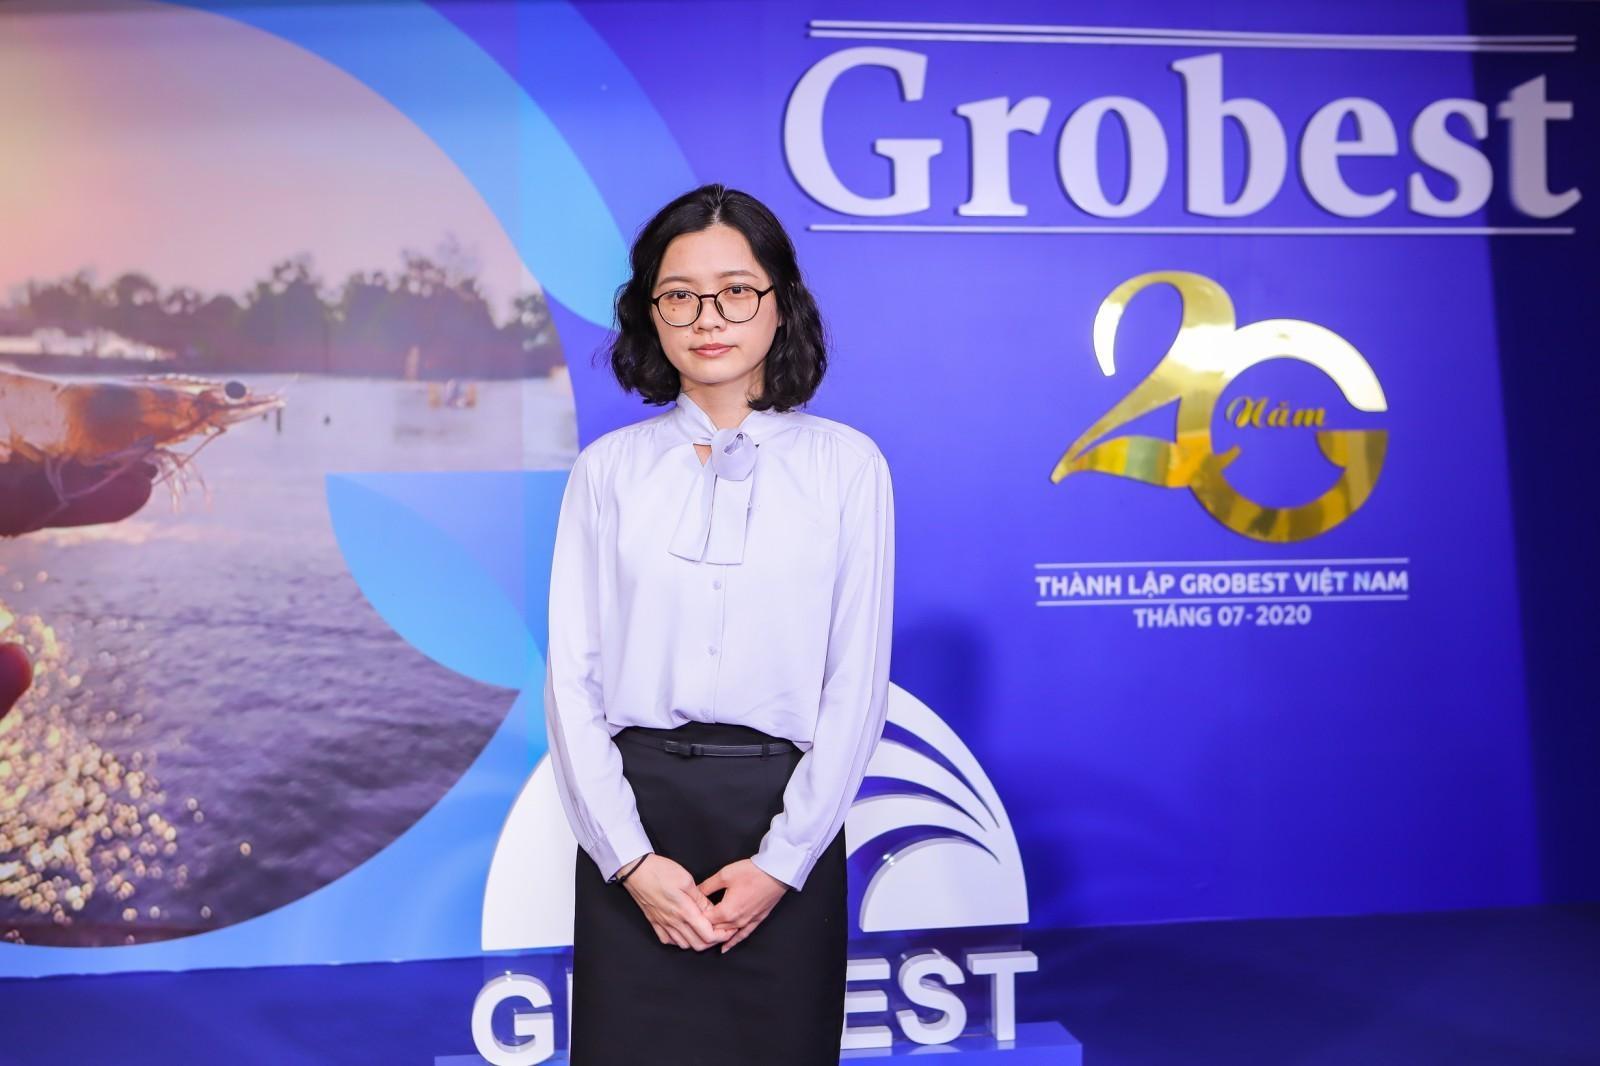 Grobest Việt Nam